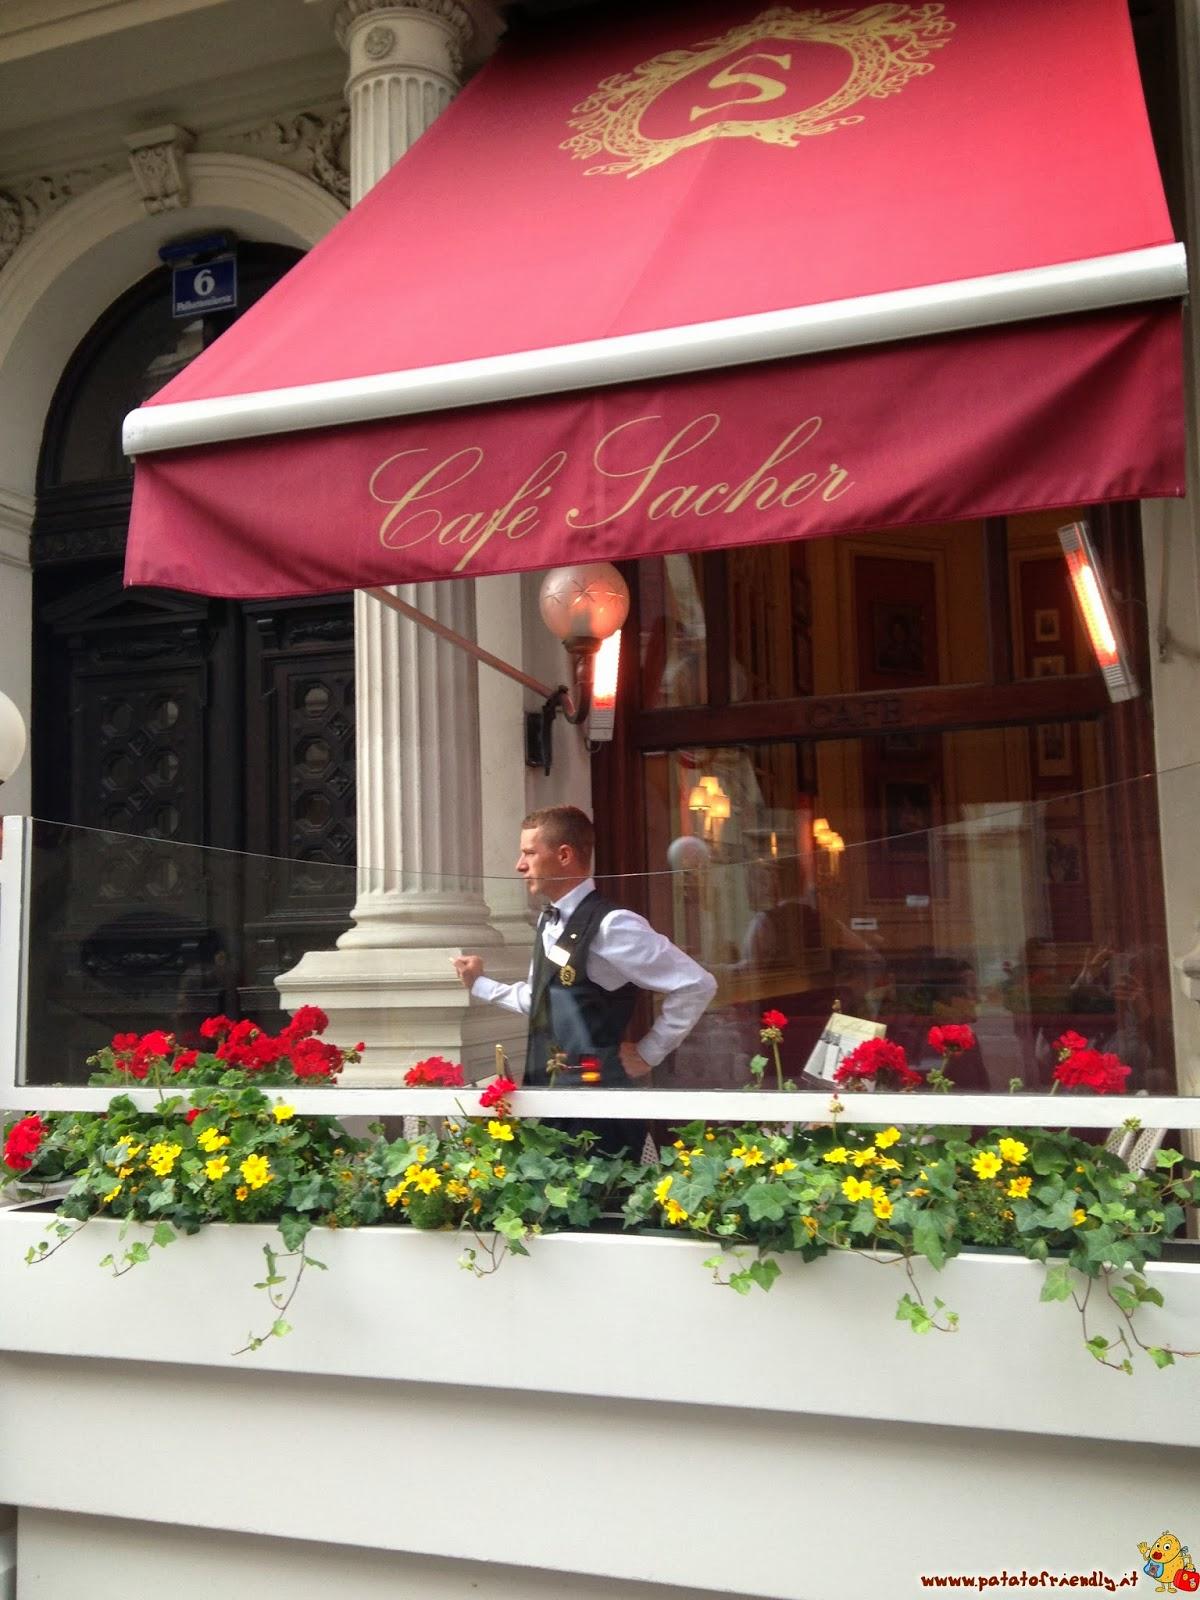 Il Caffé Sacher dove andare a mangiare la migliore Sacher Torte di Vienna